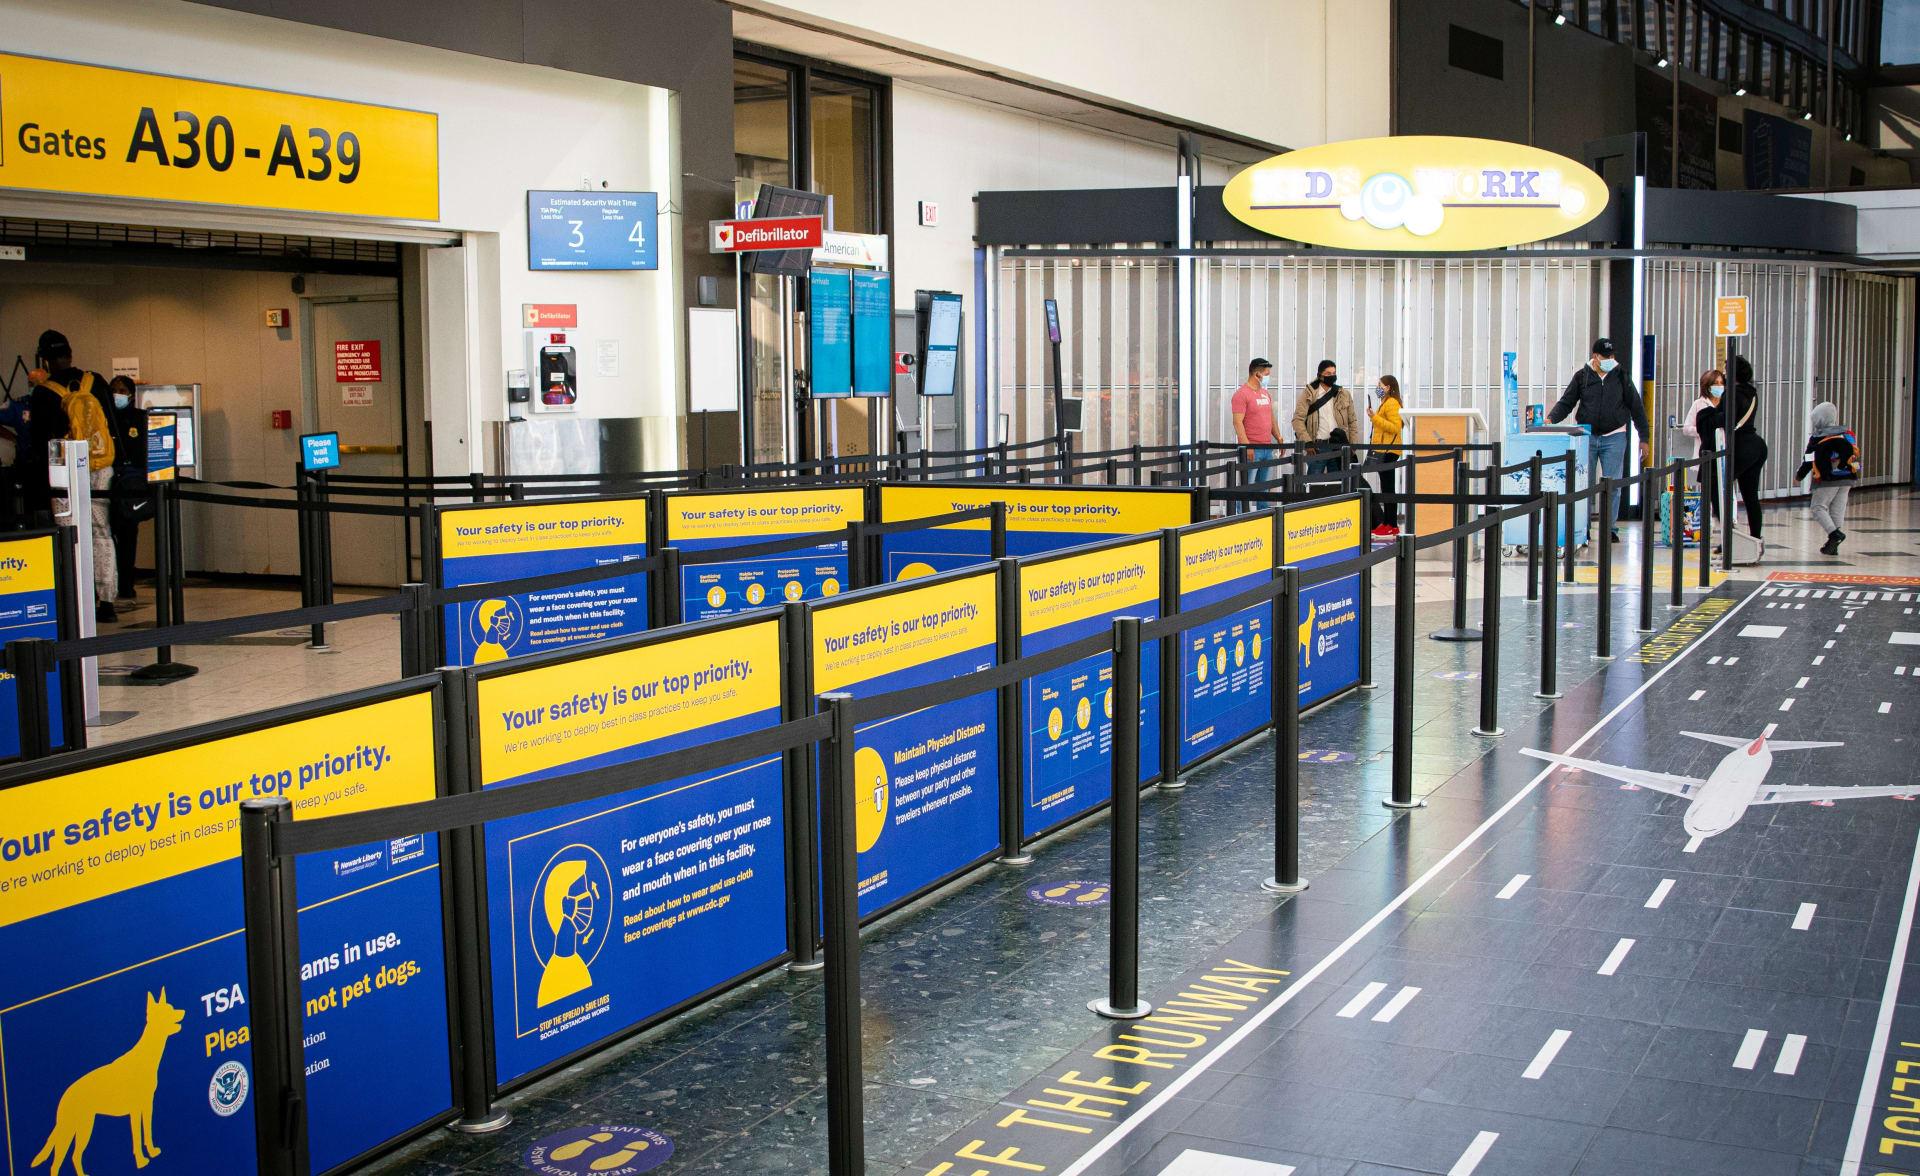 صورة أرشيفية من مطار نيوارك